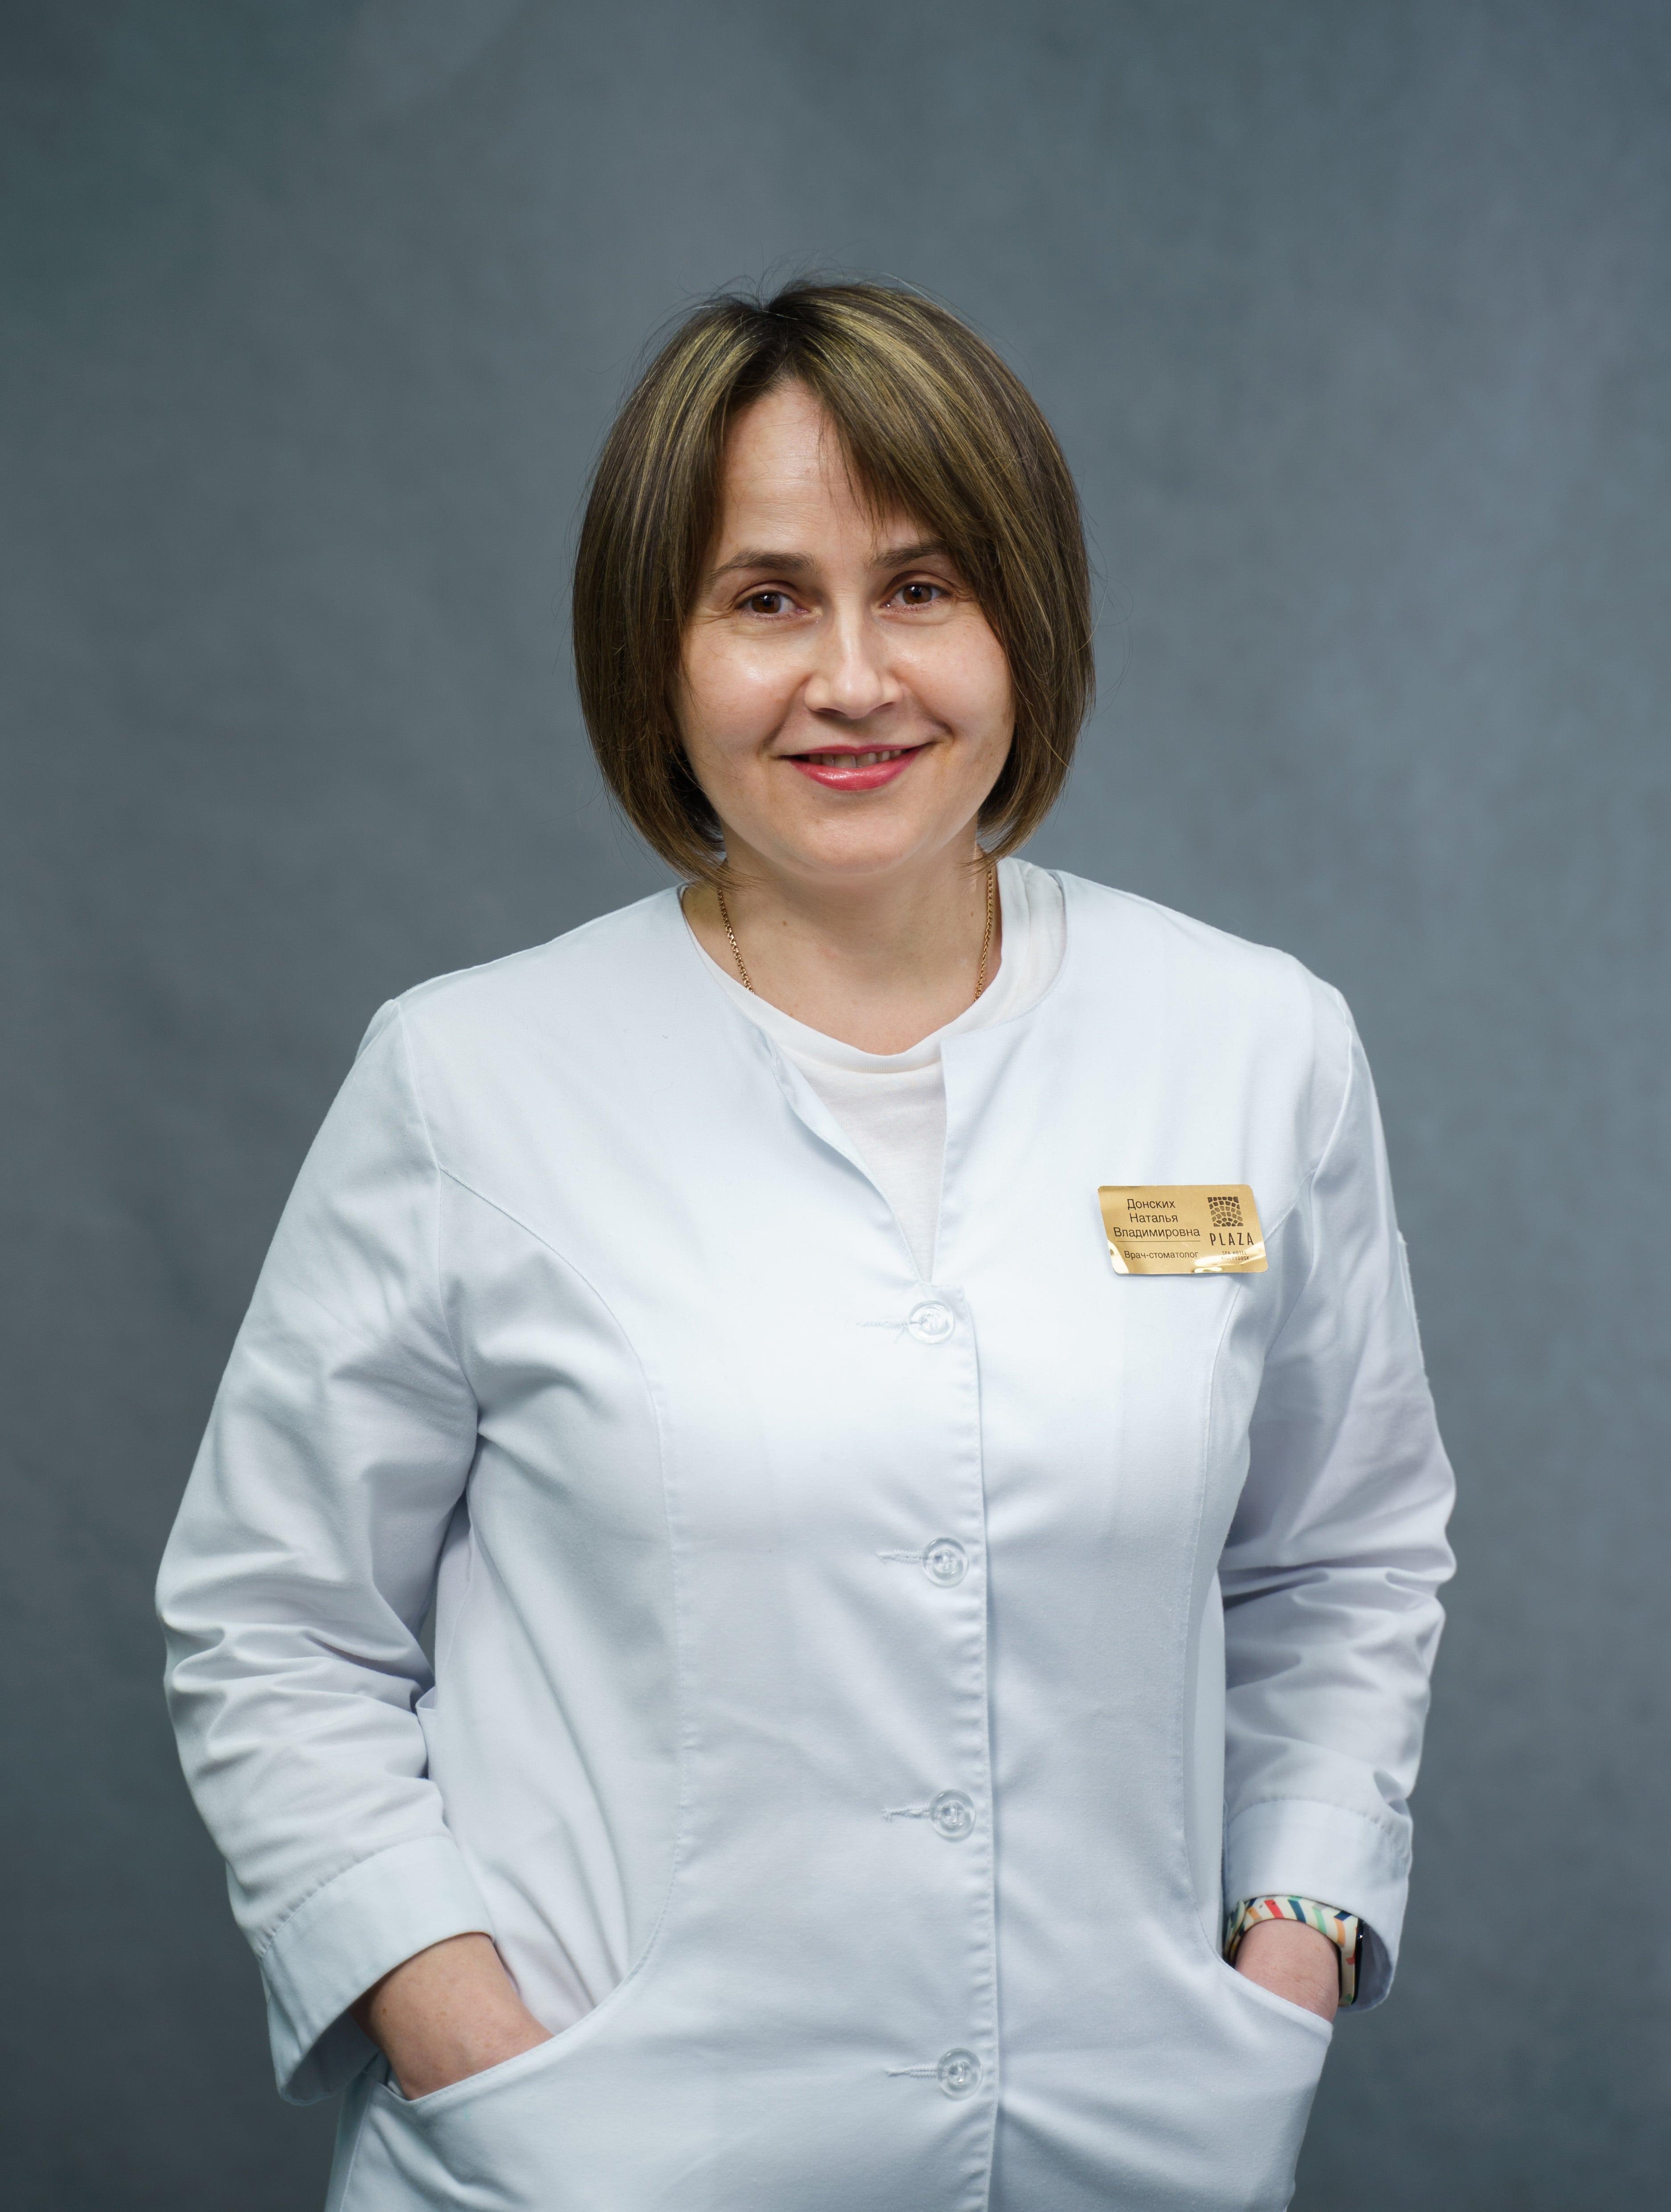 Донских Наталья Владимировна